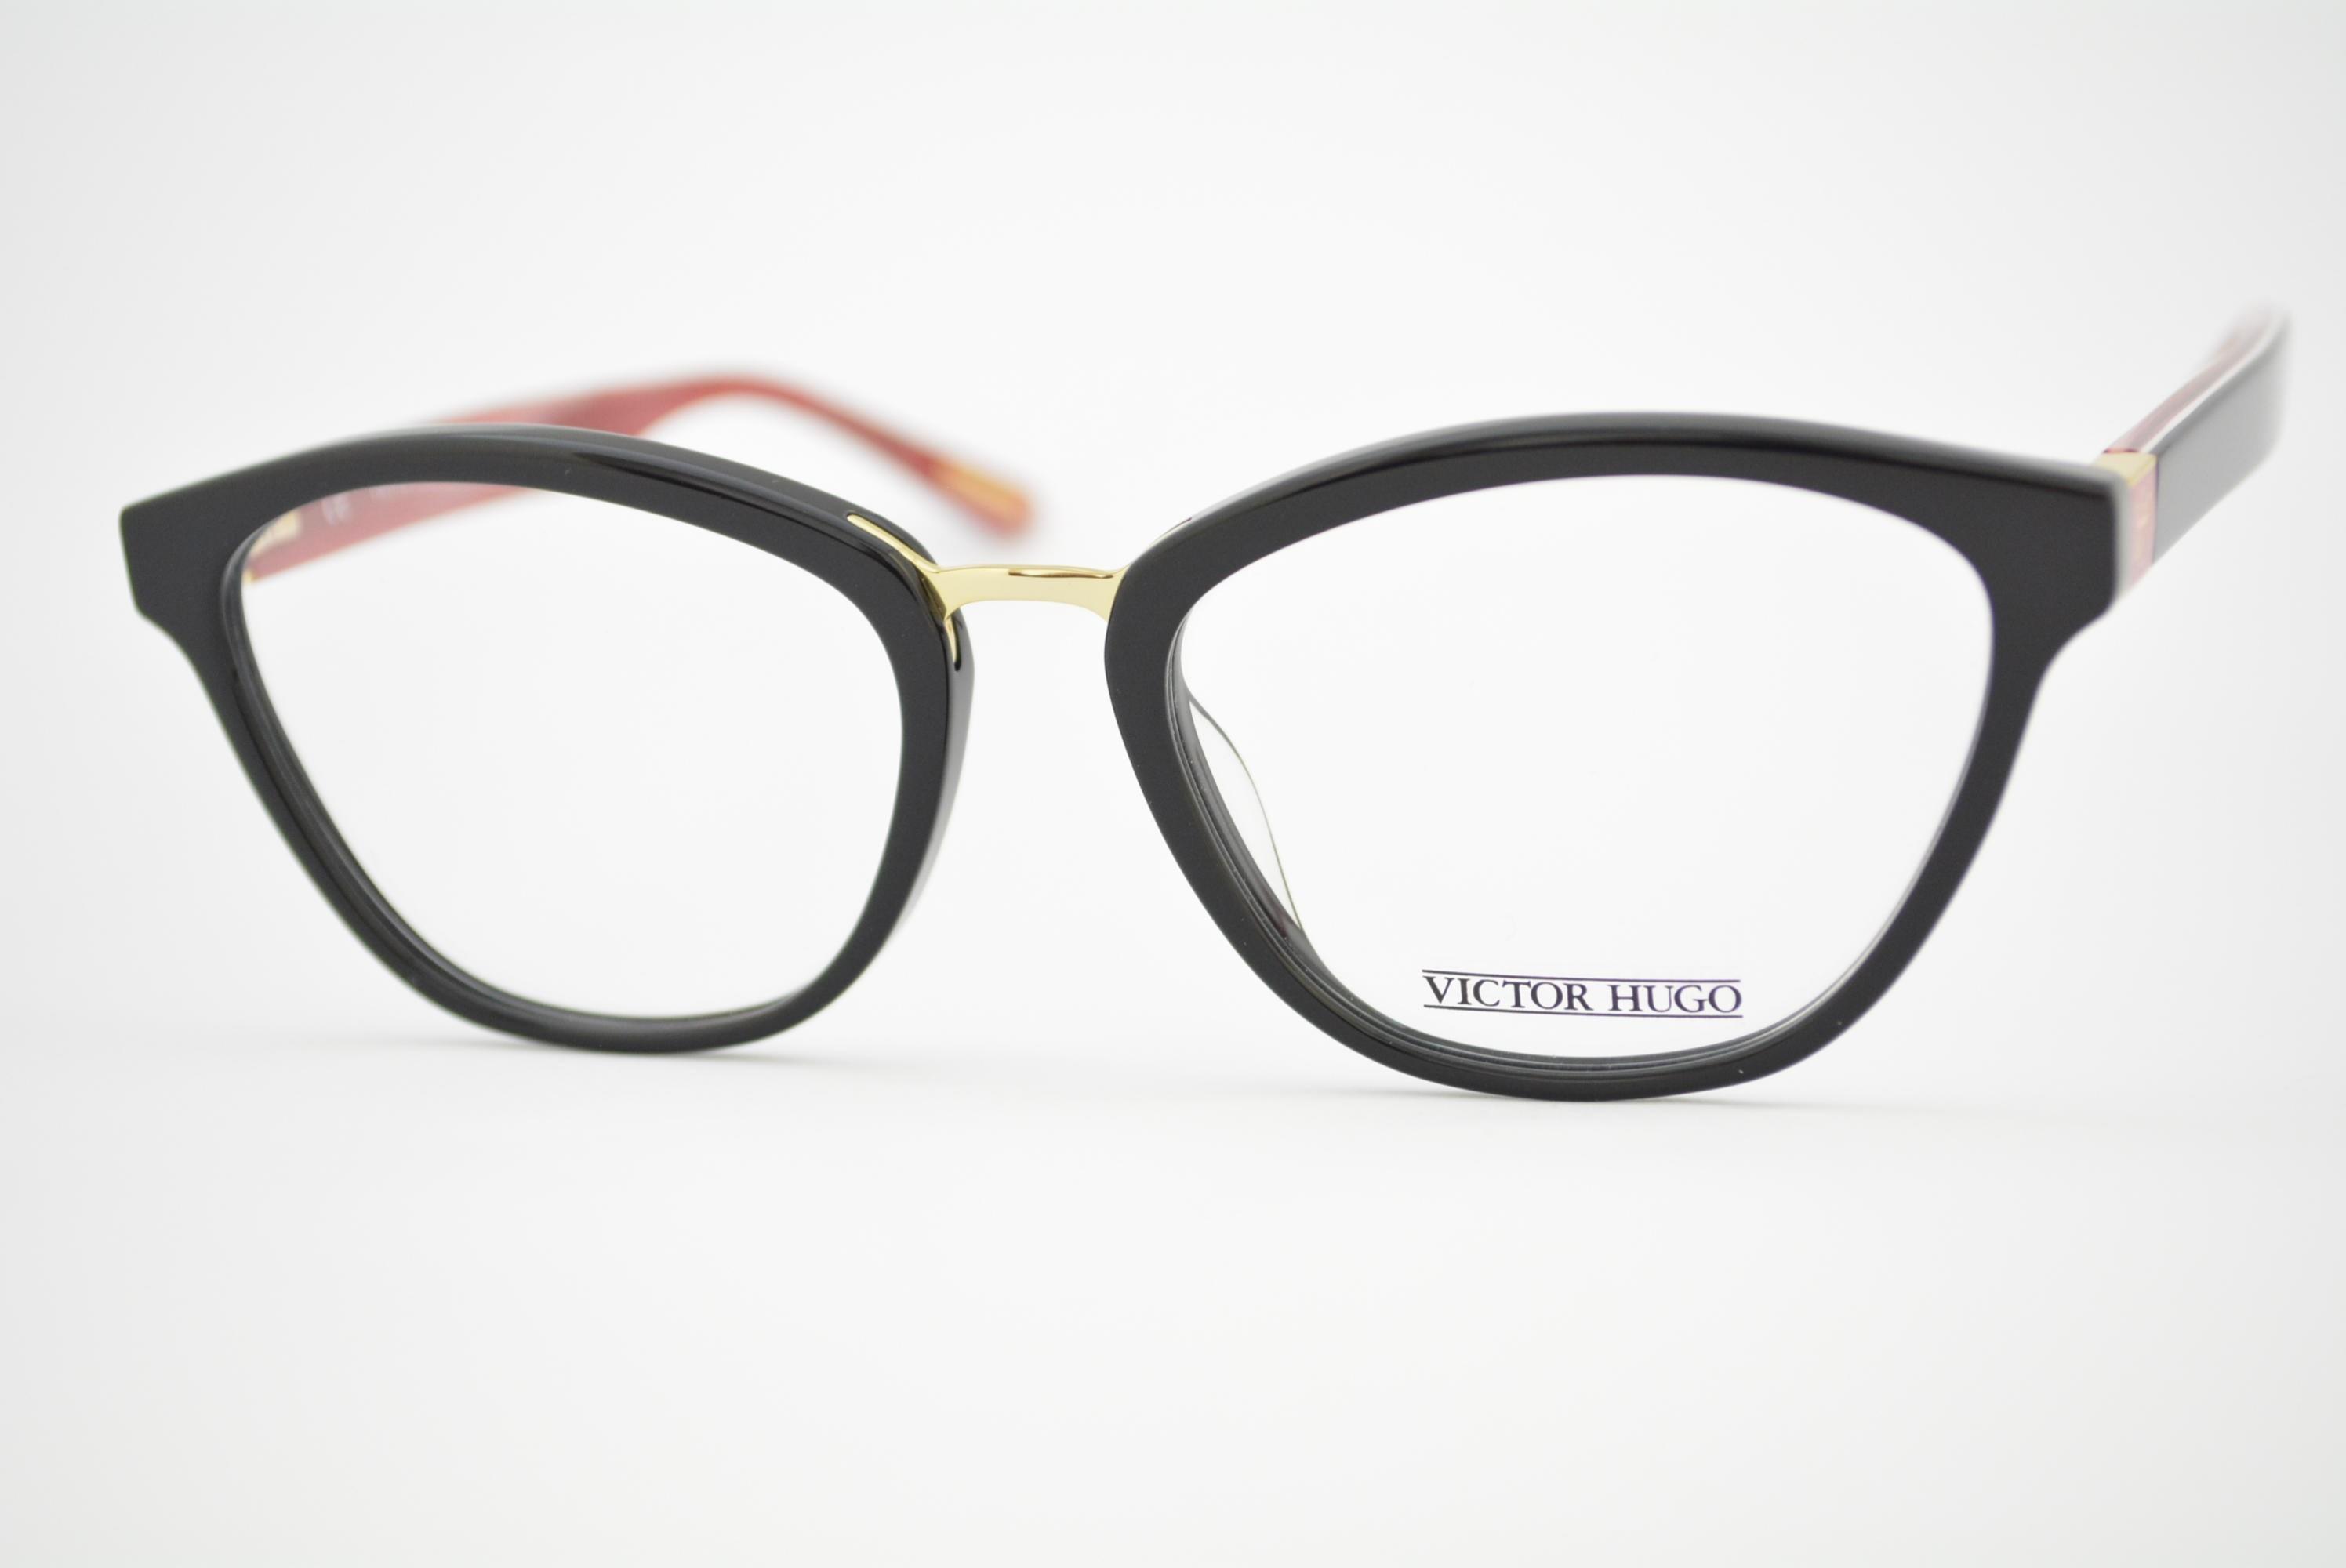 14b213891d08d armação de óculos Victor Hugo mod vh1755 col.0700 Ótica Cardoso